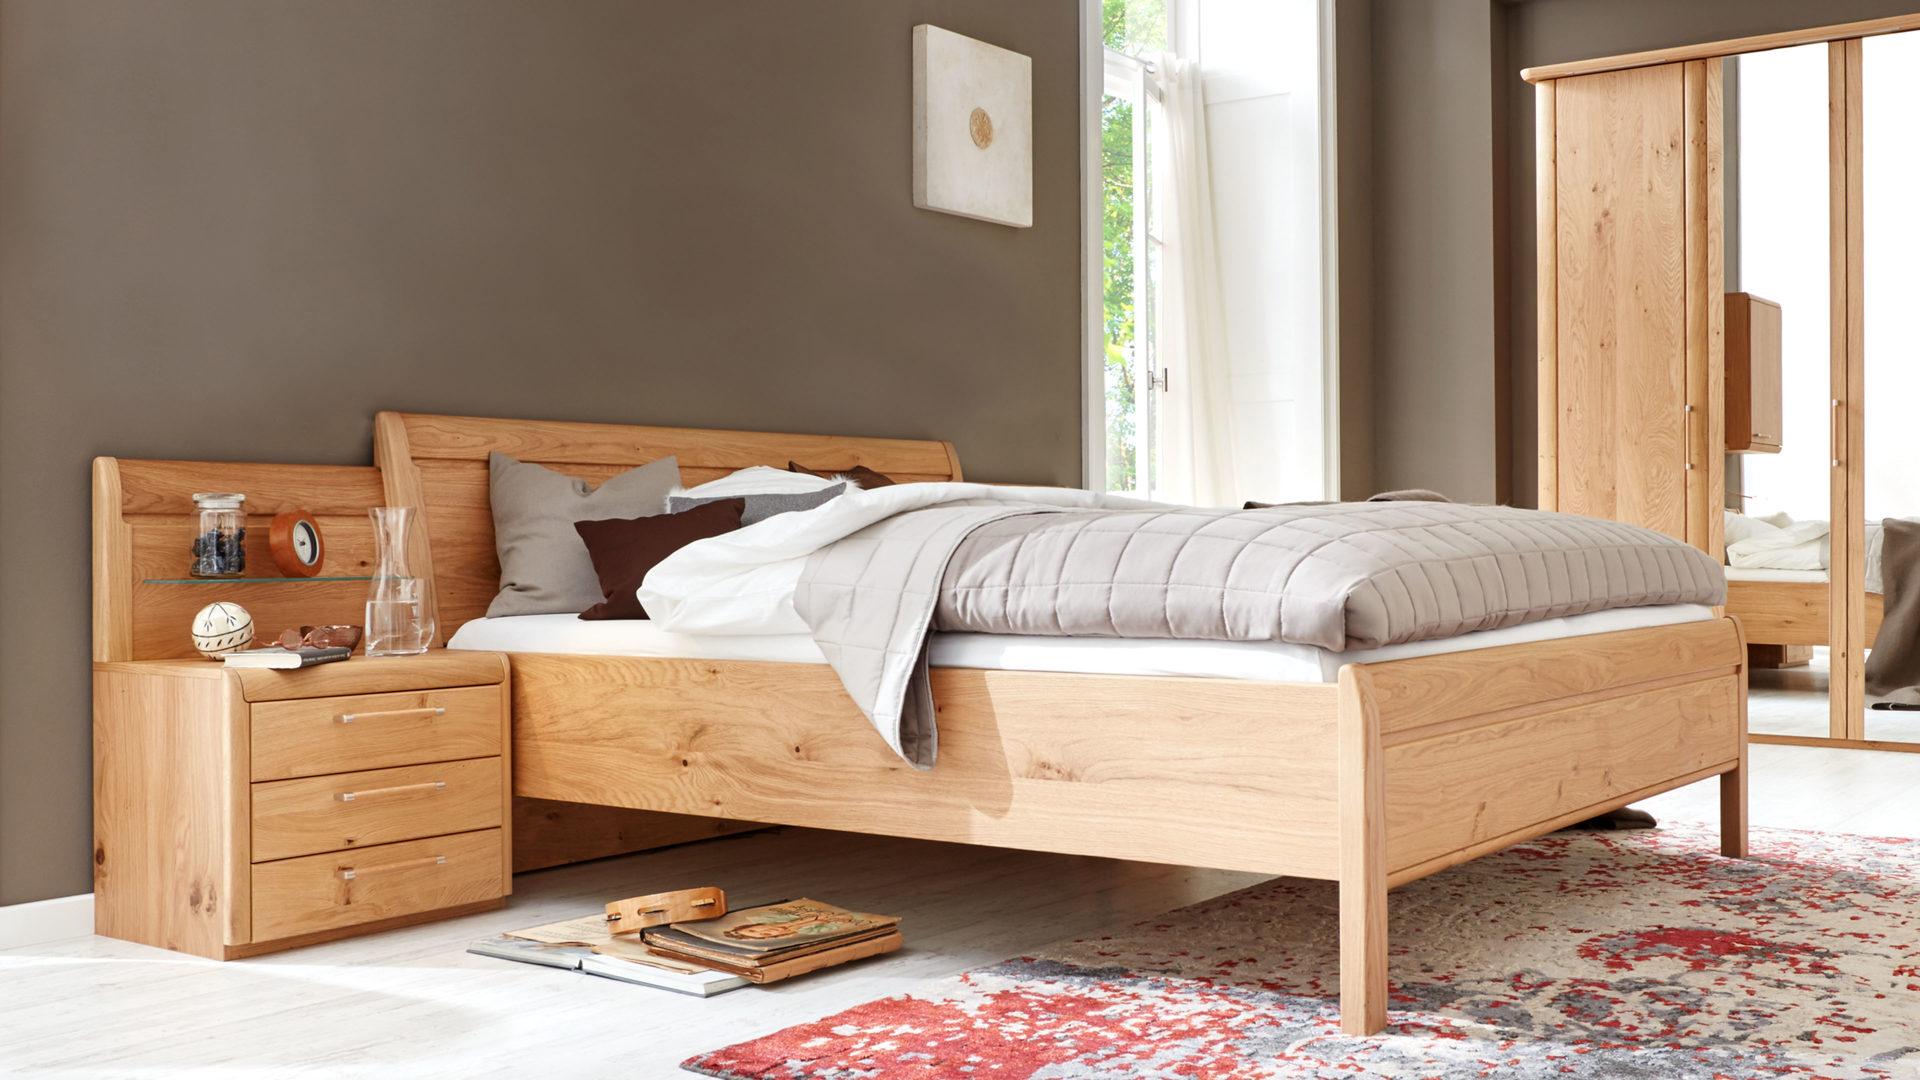 Interliving Schlafzimmer Serie 1001 – Bettkombination,  Wildeiche-Echtholzfurnier – dreiteilig, Liegefläche ca. 180 x 200 cm